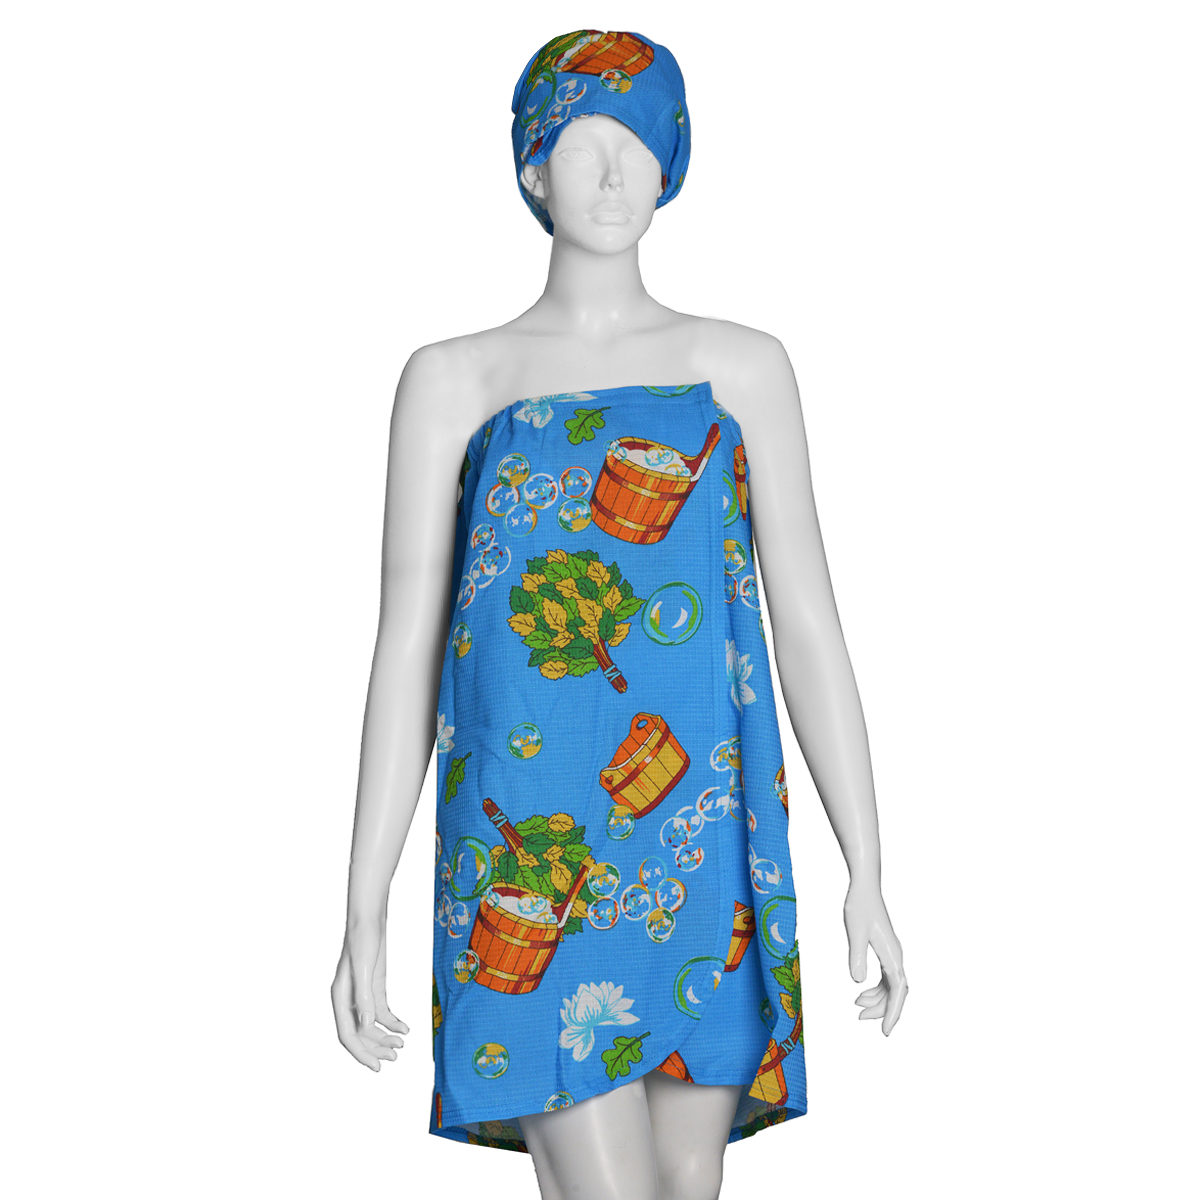 Комплект для бани и сауны Ева женский, цвет: голубой, 2 предмета. БН26БН26Комплект для бани и сауны Ева женский, цвет: голубой, 2 предмета. БН26